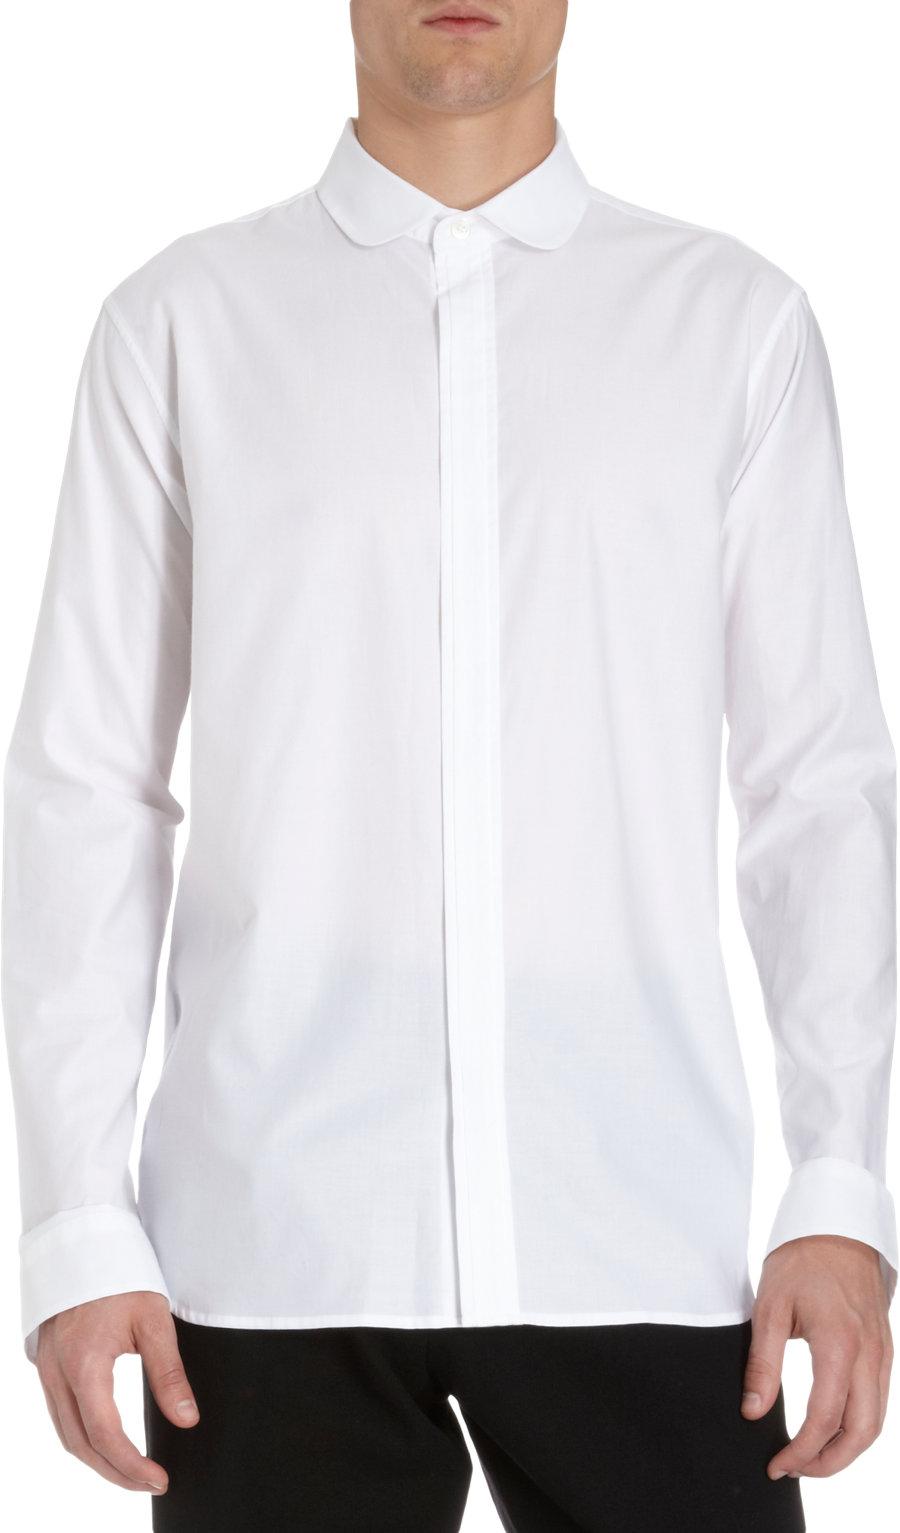 Ann demeulemeester peter pan collar shirt in white for men for White cotton shirt peter pan collar